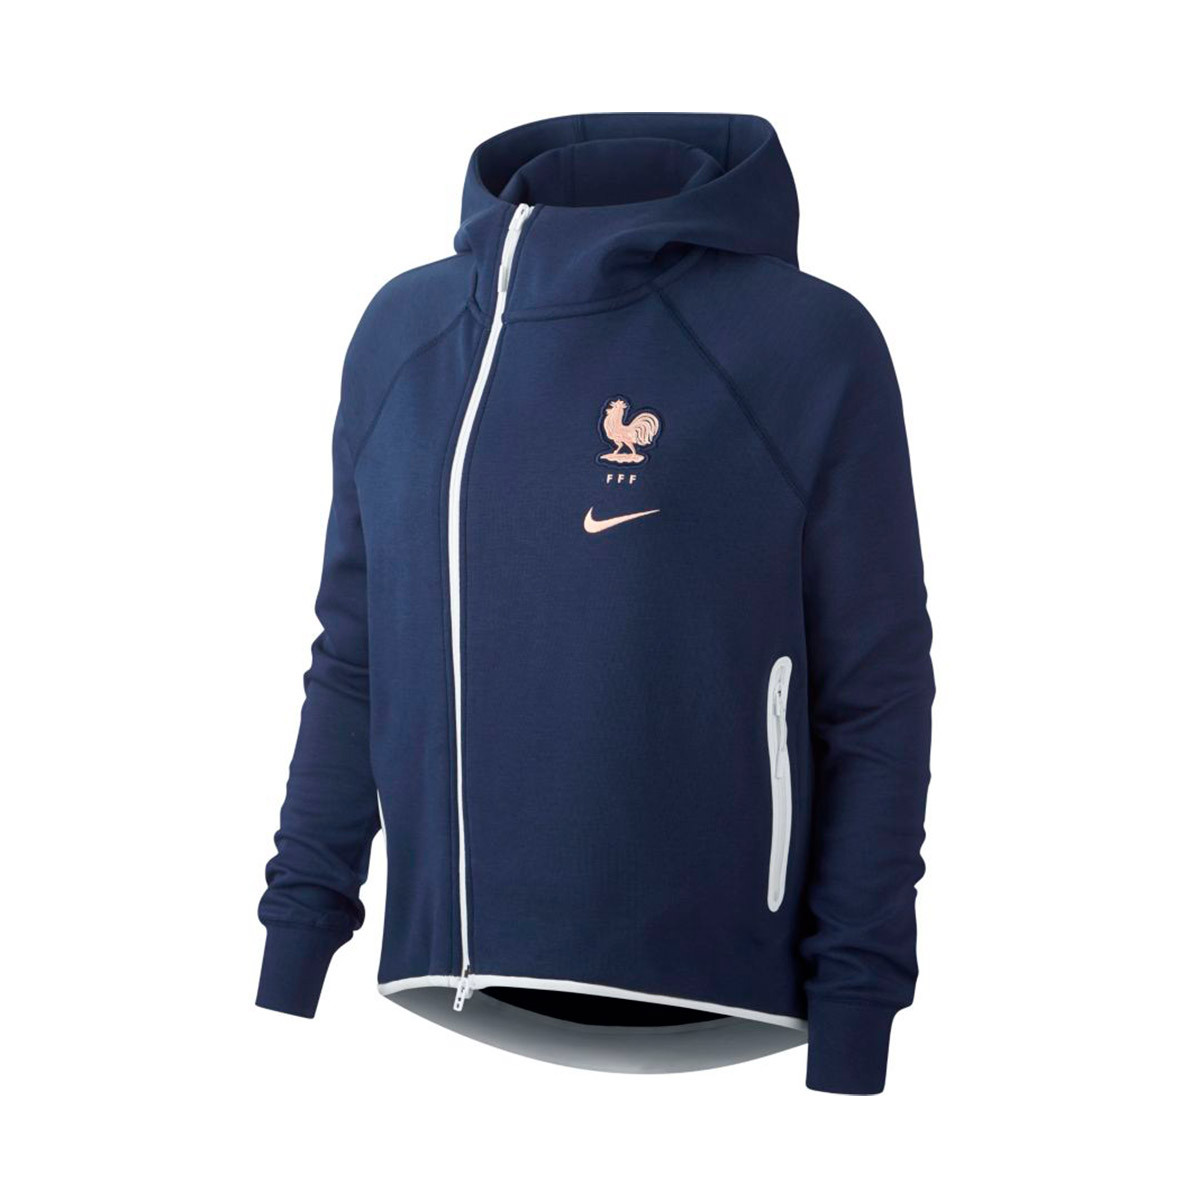 big sale 44d09 25de9 Sudadera Selección Francia NSW Tech Fleece WWC 2019 Mujer Midnight  navy-White